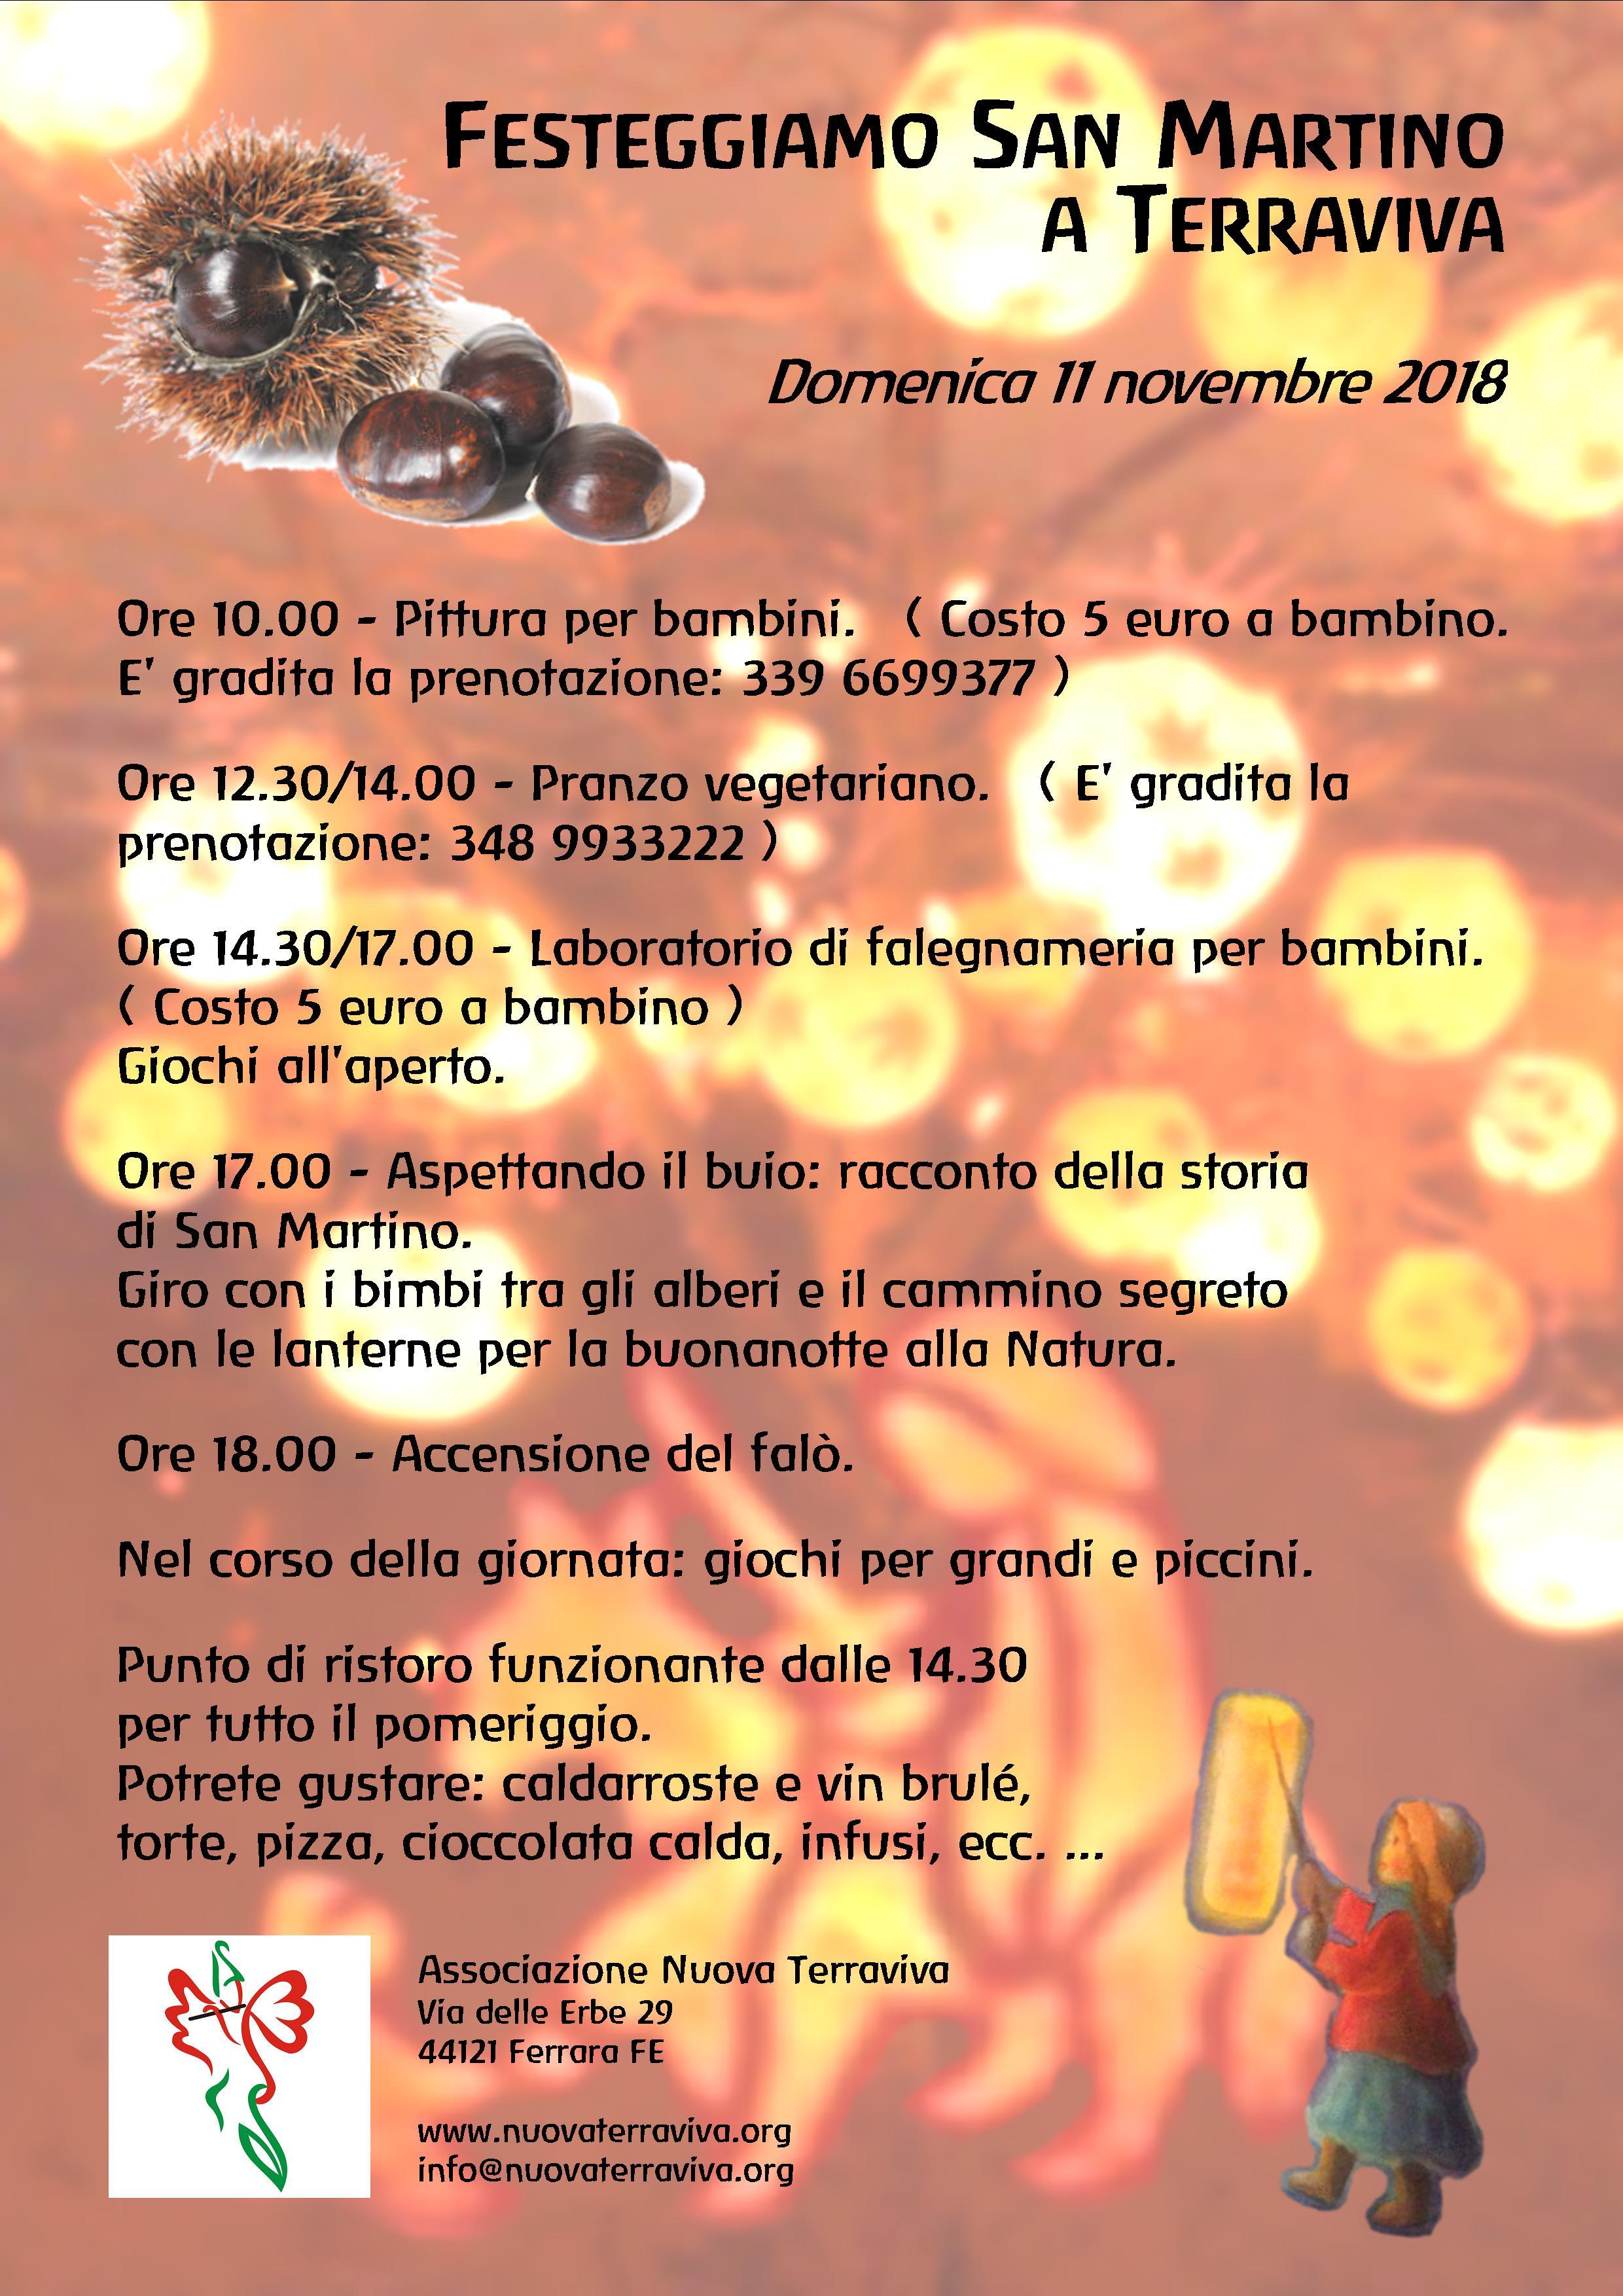 Festa di San Martino @ Associazione Nuova Terraviva | Ferrara | Emilia-Romagna | Italia